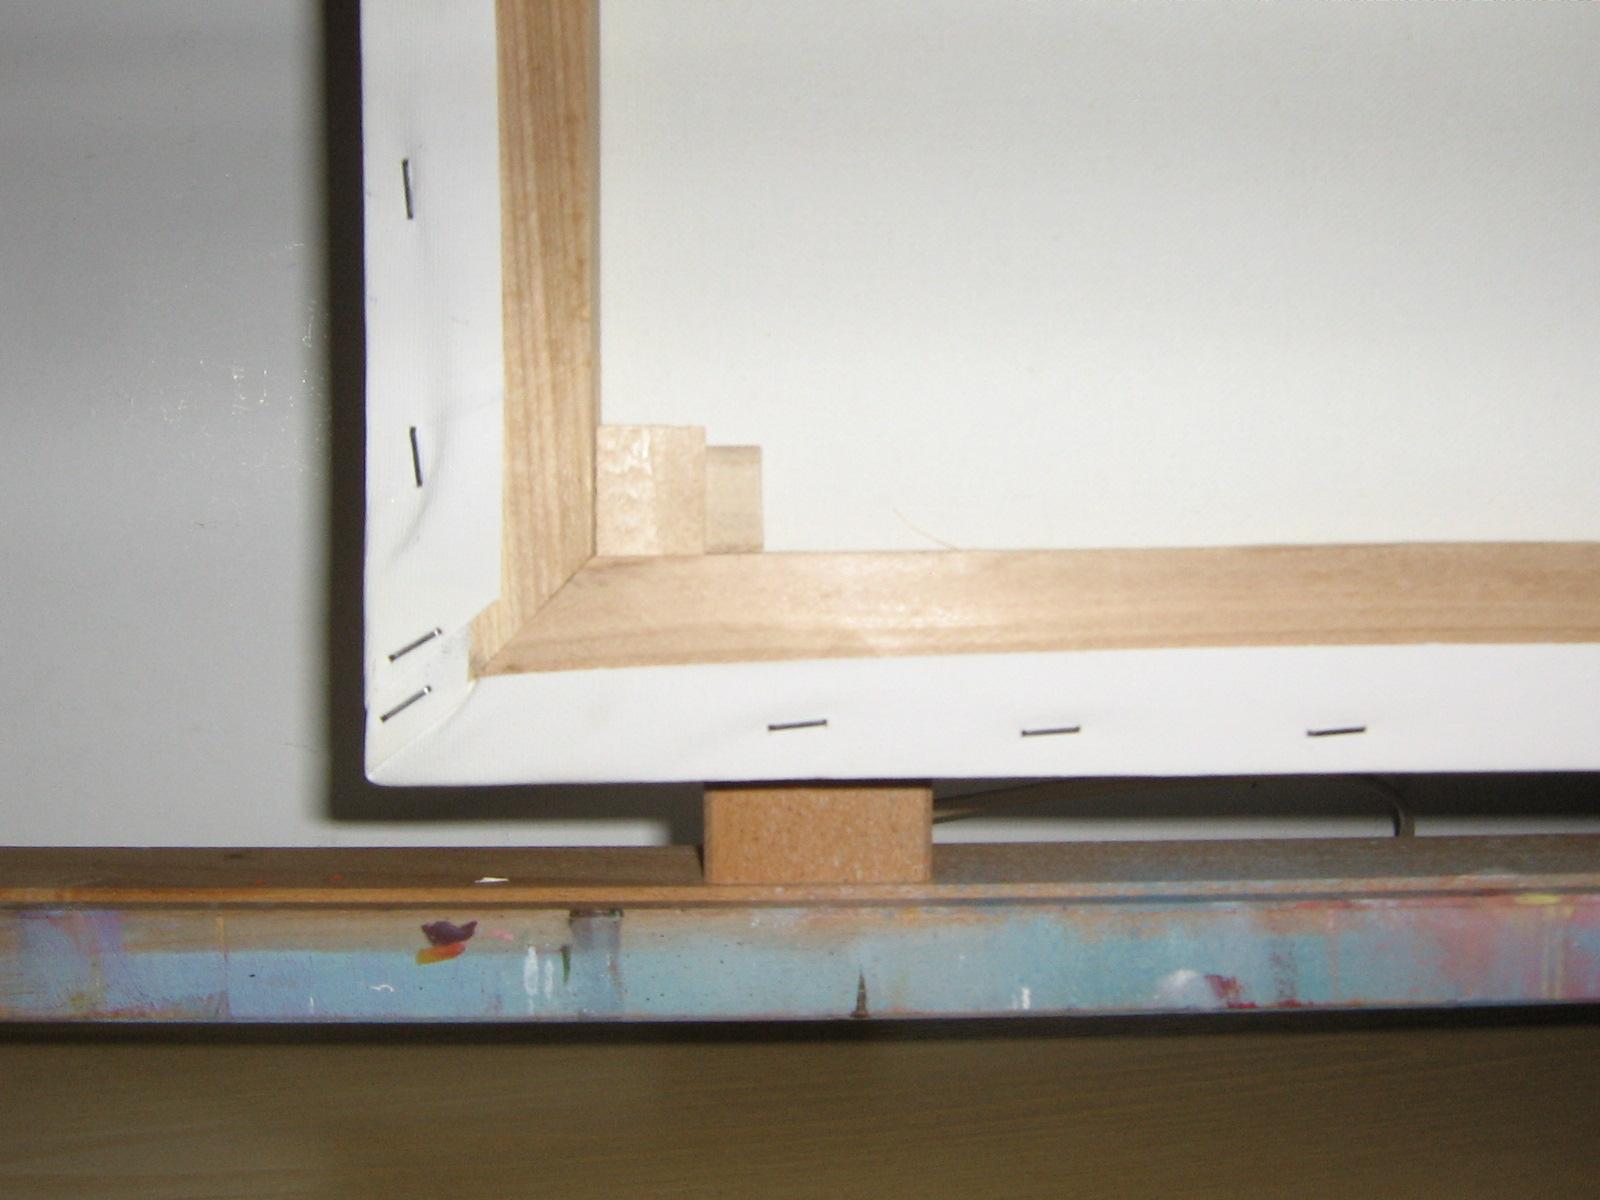 I quadri sono opere d'arte di disegno o pittura, come quelli che si trovano nei musei. Come Realizzare Un Quadro Da Zero Michele Armenise